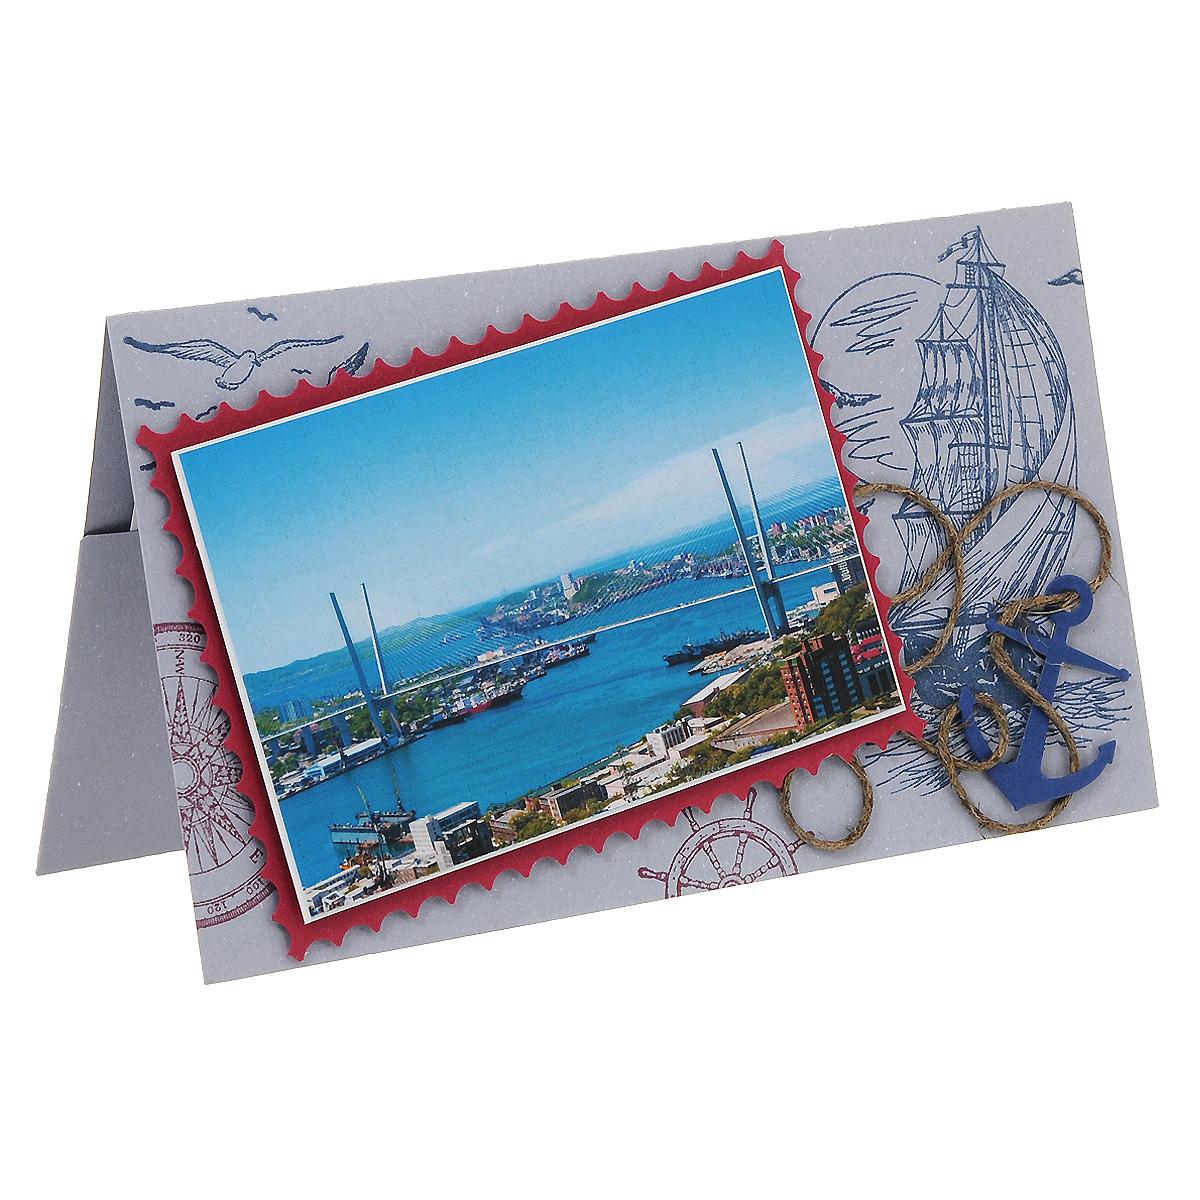 ОРАЗ-0004 Открытка-конверт «С наилучшими пожеланиями!» (Владивосток, мост «Золотой рог»). Студия «Тётя Роза»